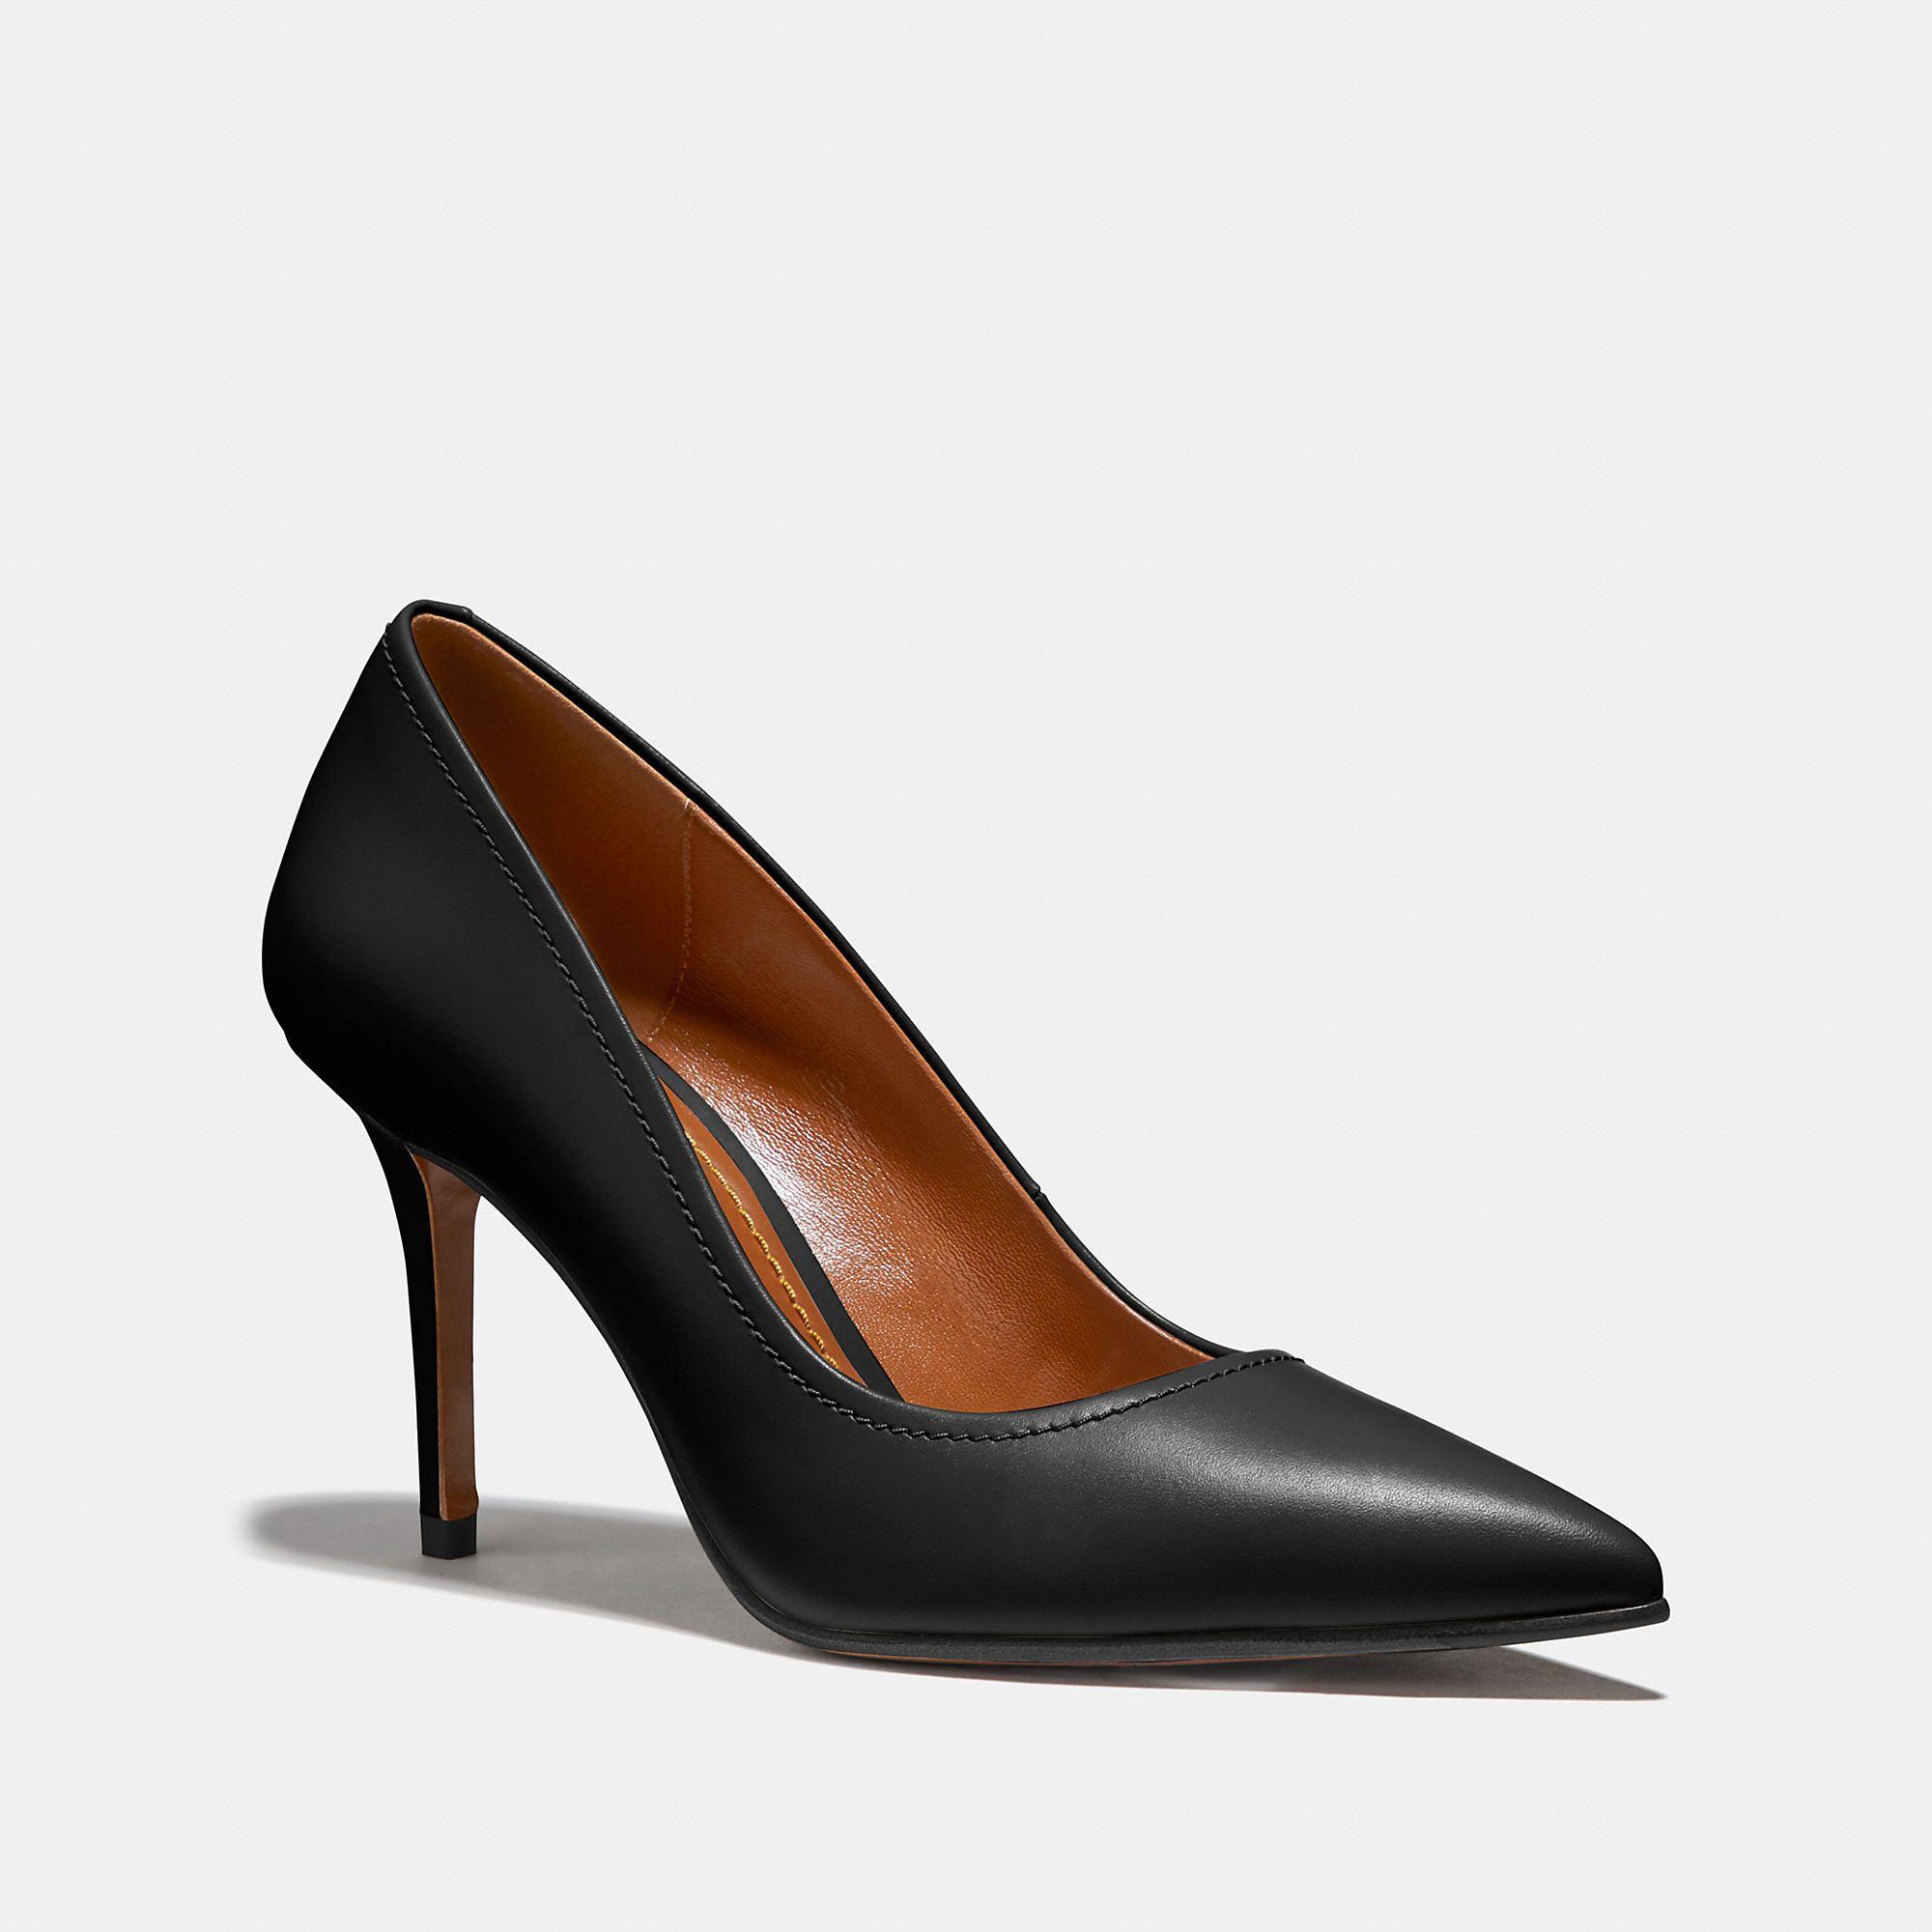 9d4f1884d3a COACH Waverly Pump - Women s Size 5.5 Pumps